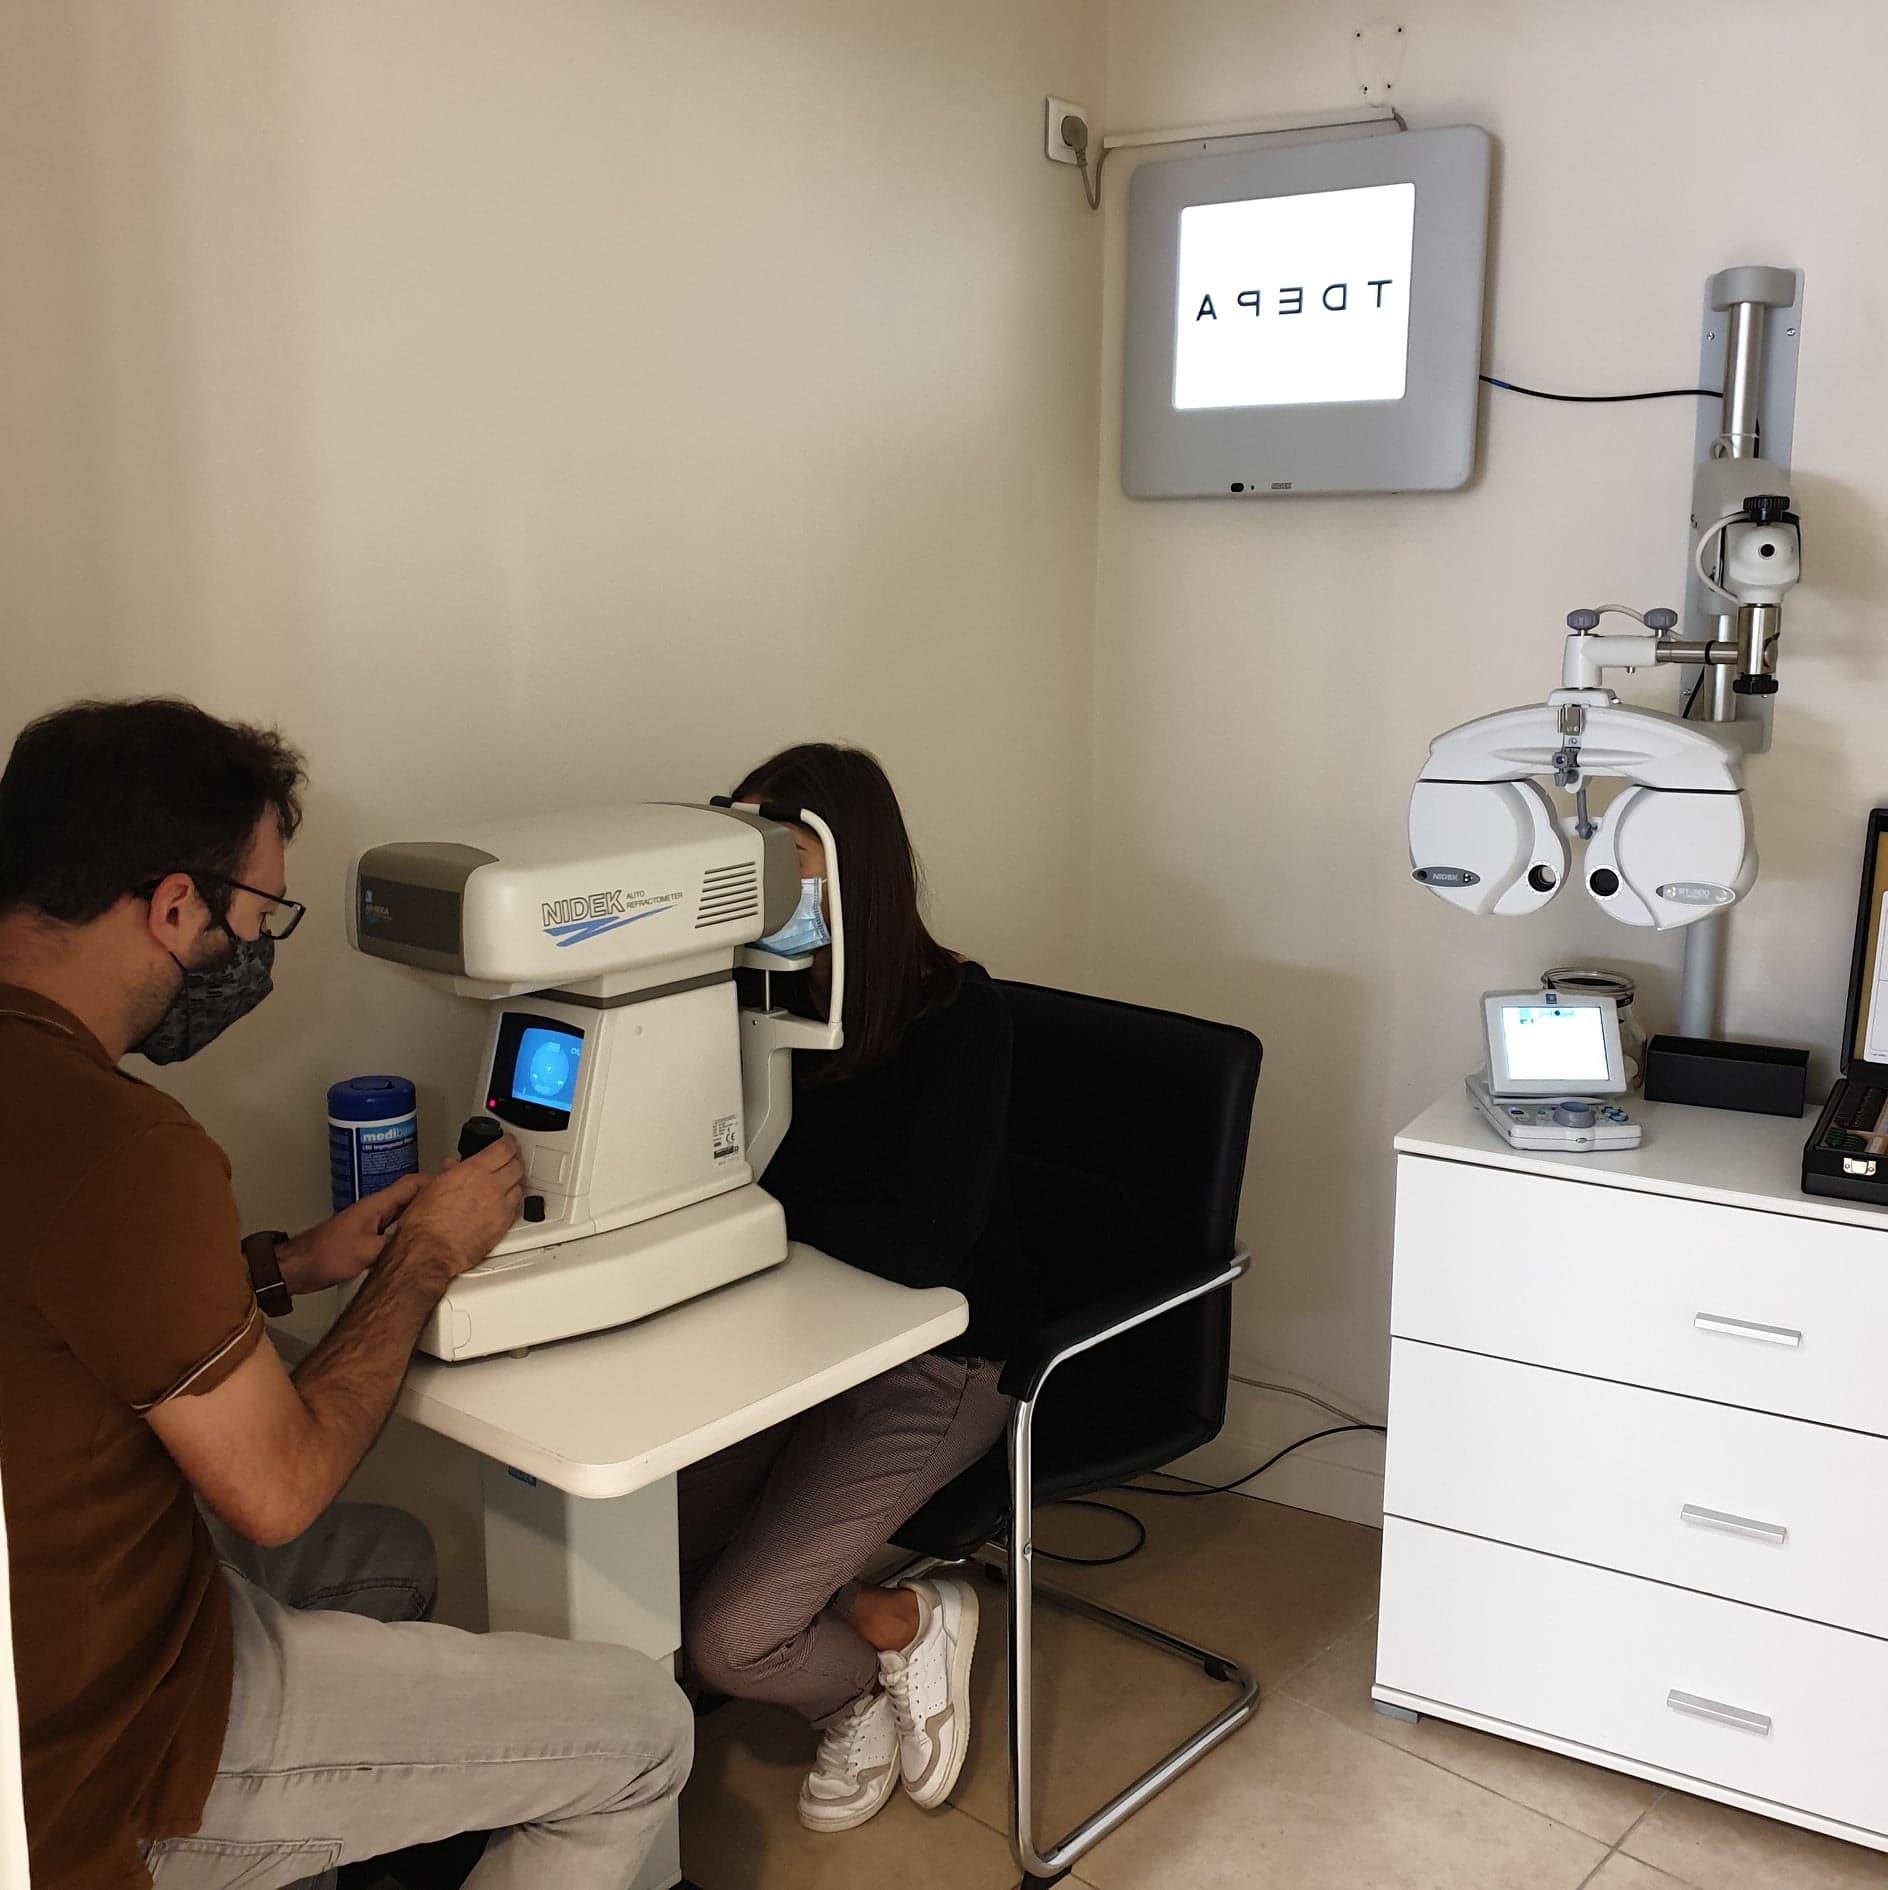 test de la vision appareil moderne tete de refraction lunettes vue opticien